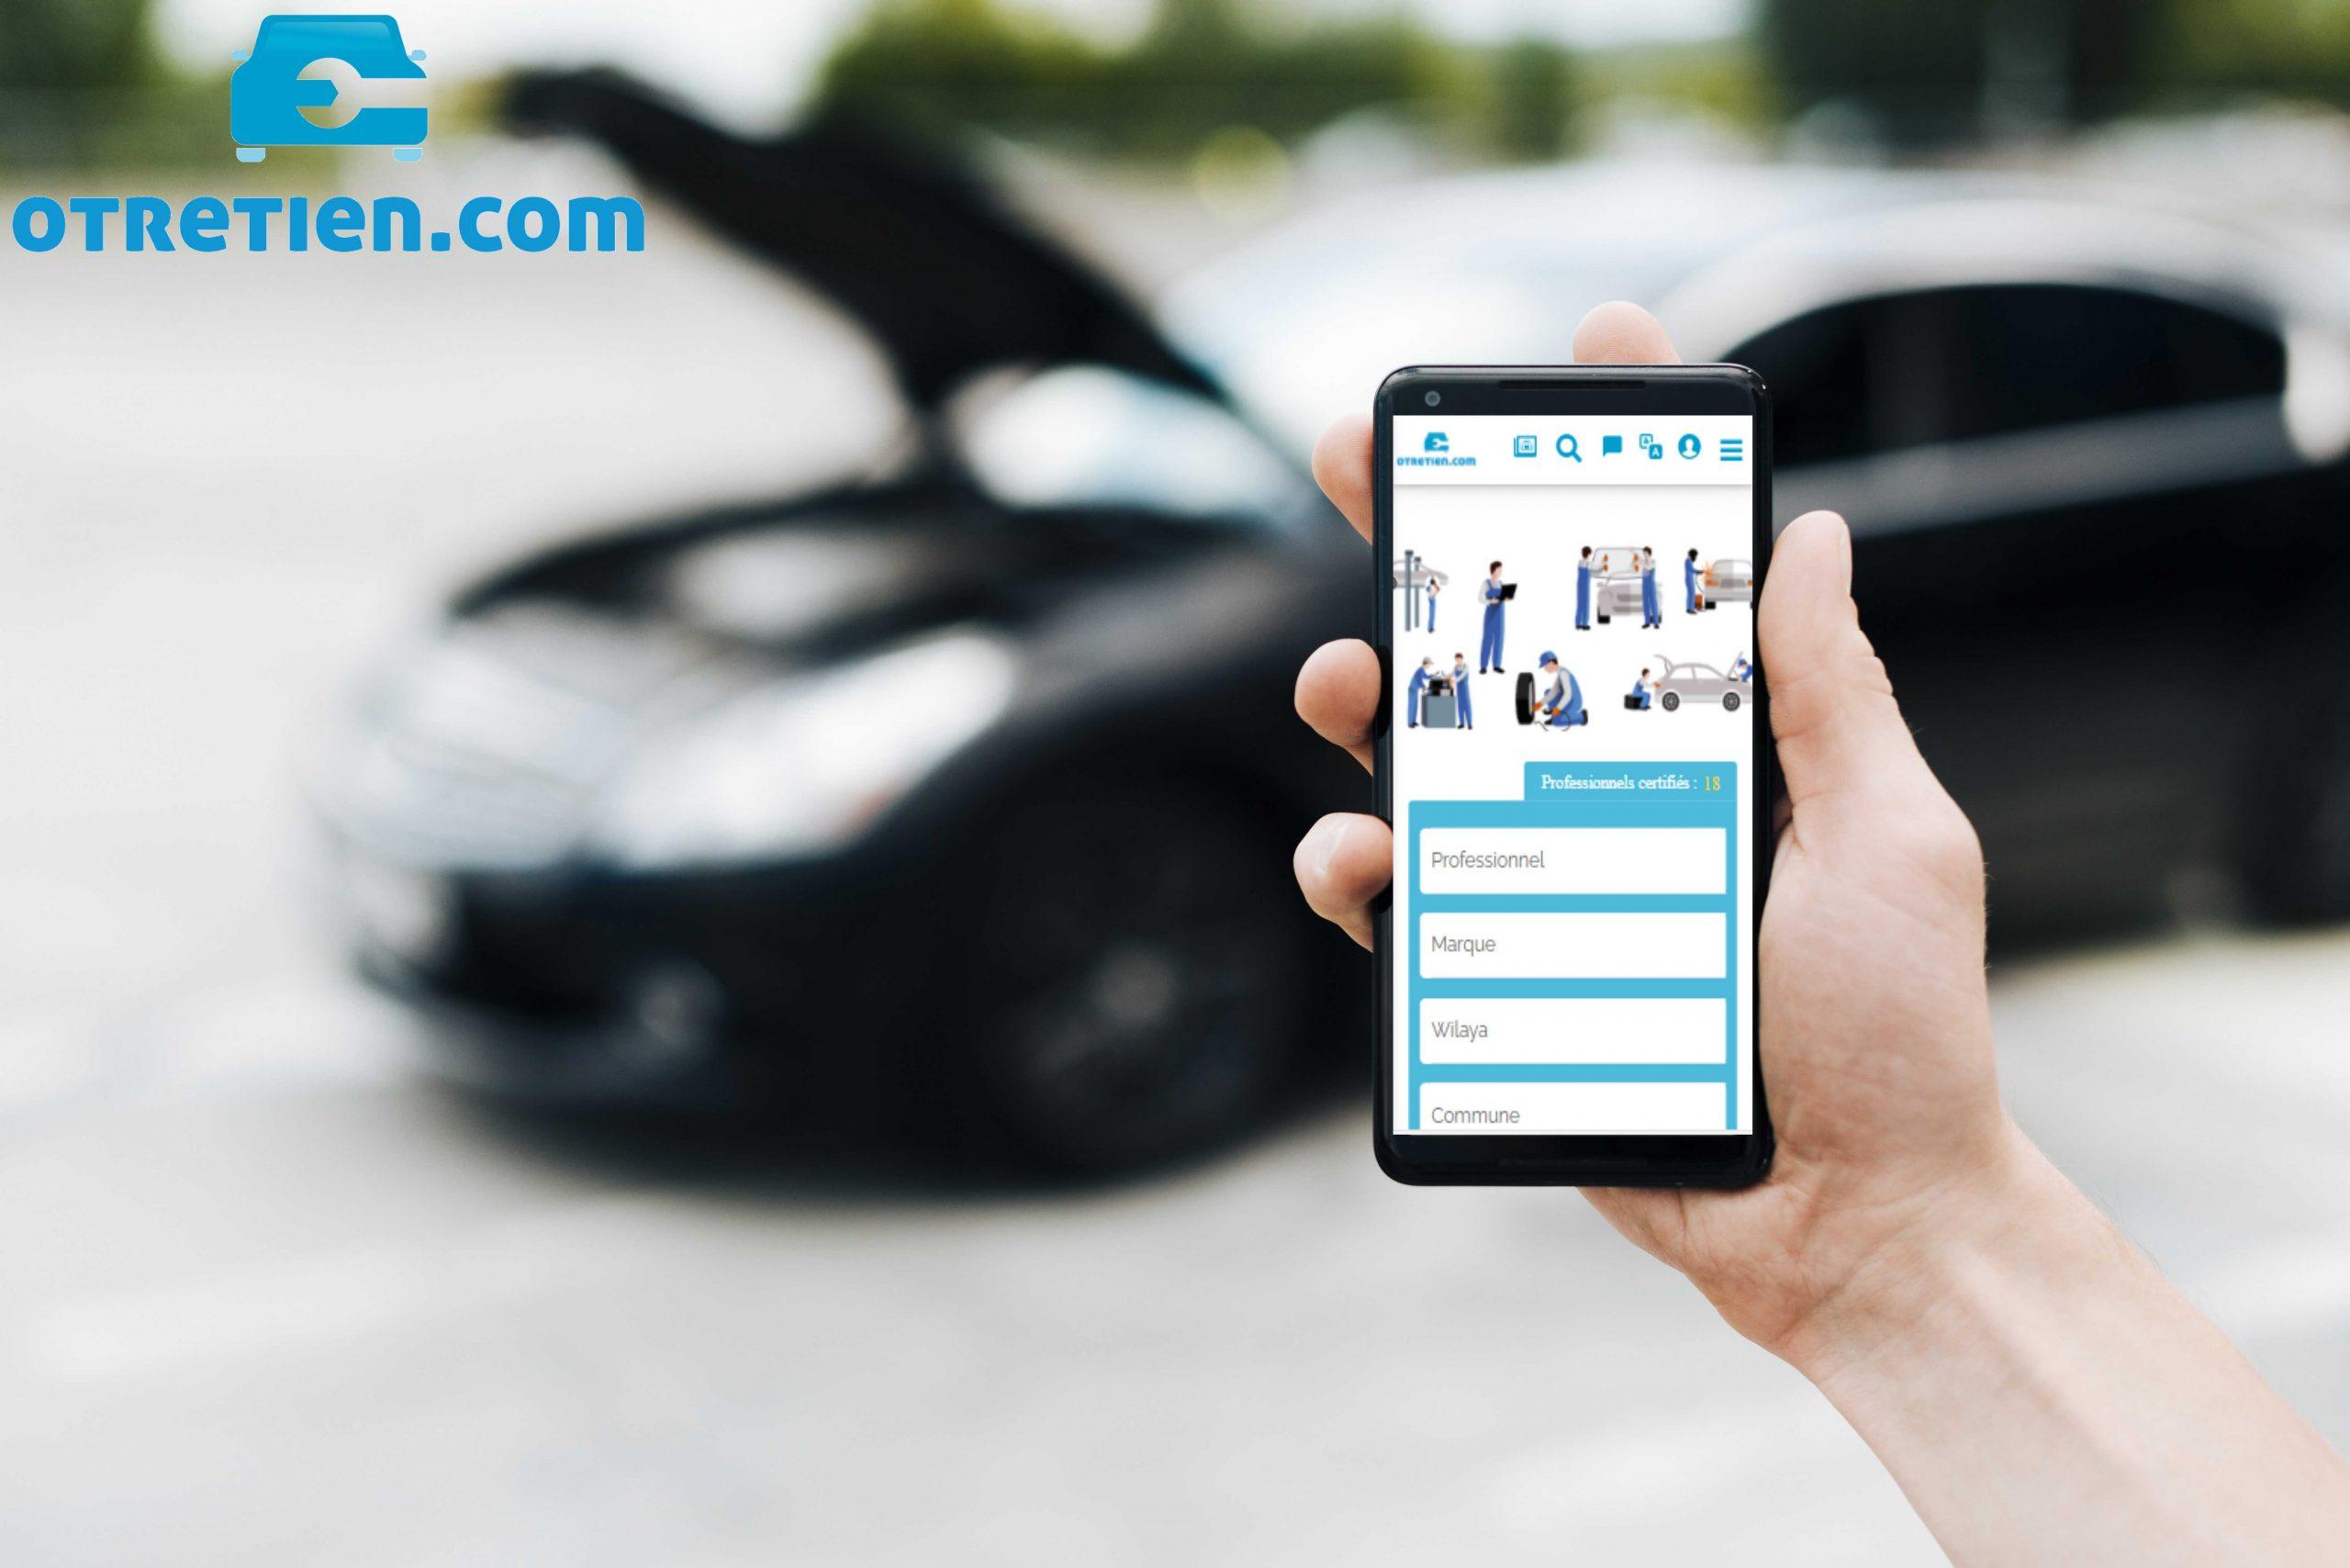 OTRETIEN.COM: أول موقع إلكتروني لإصلاح وصيانة السيارات في الجزائر - Algerie Eco